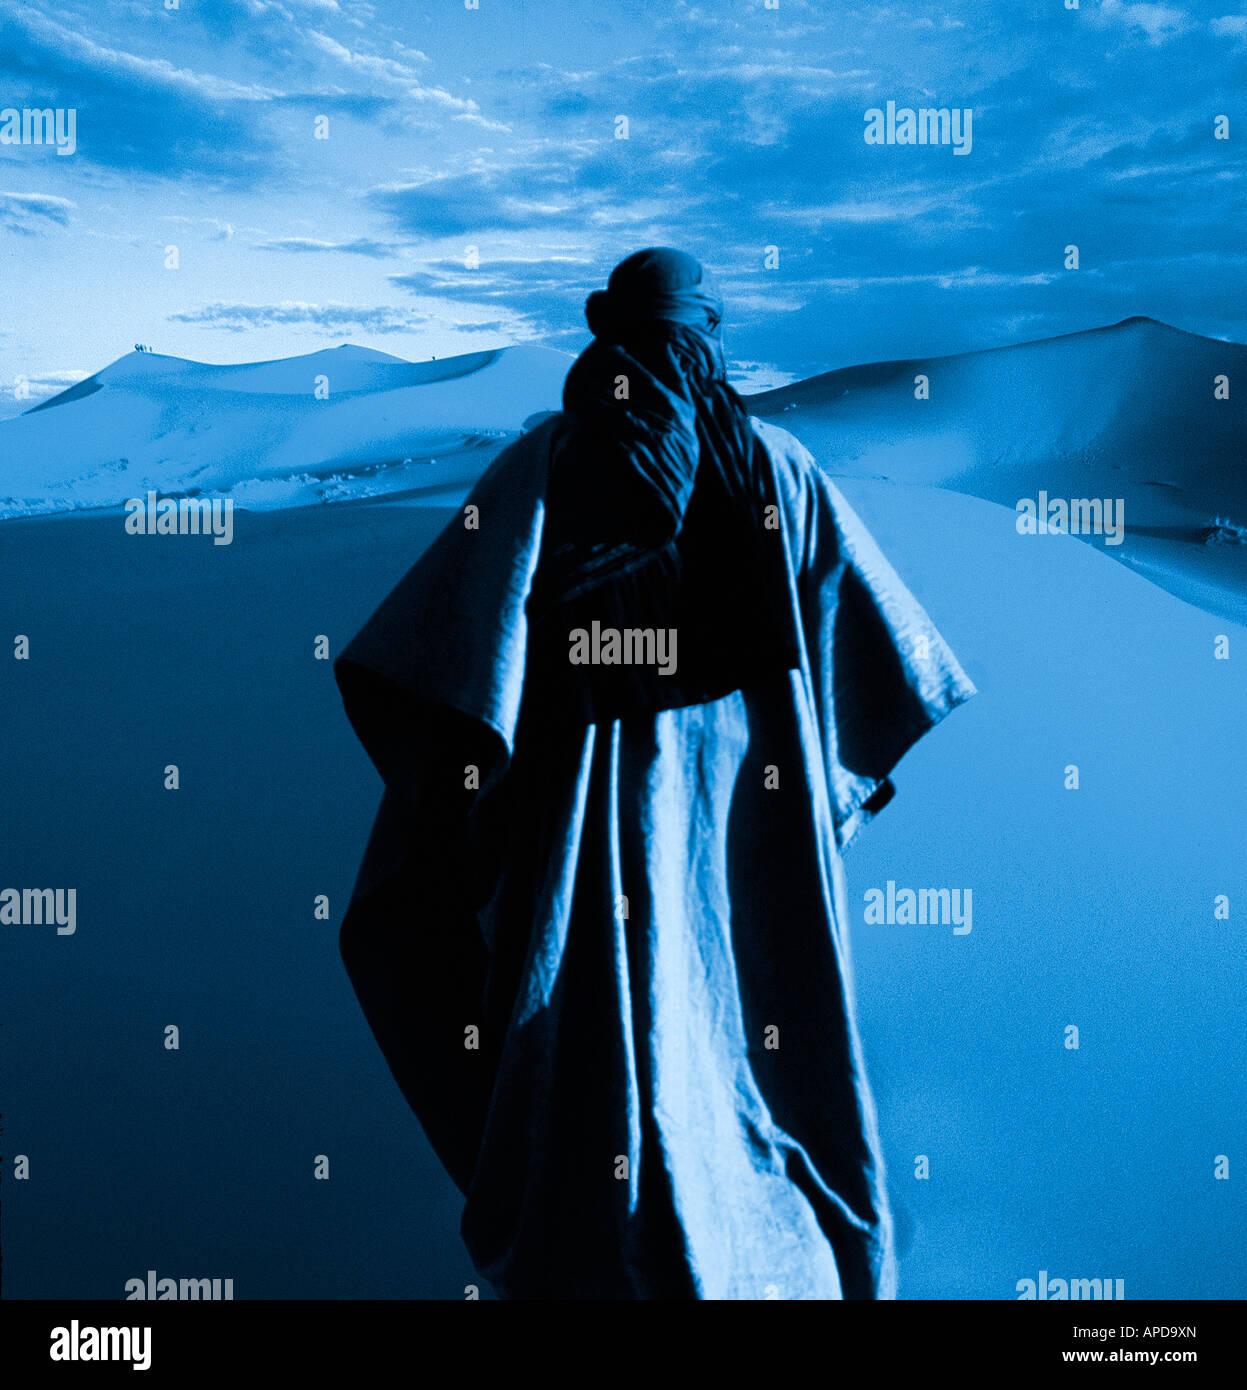 Konzept-Darstellung der nomadischen männliche Figur Wandern allein in der Wüste Stockbild